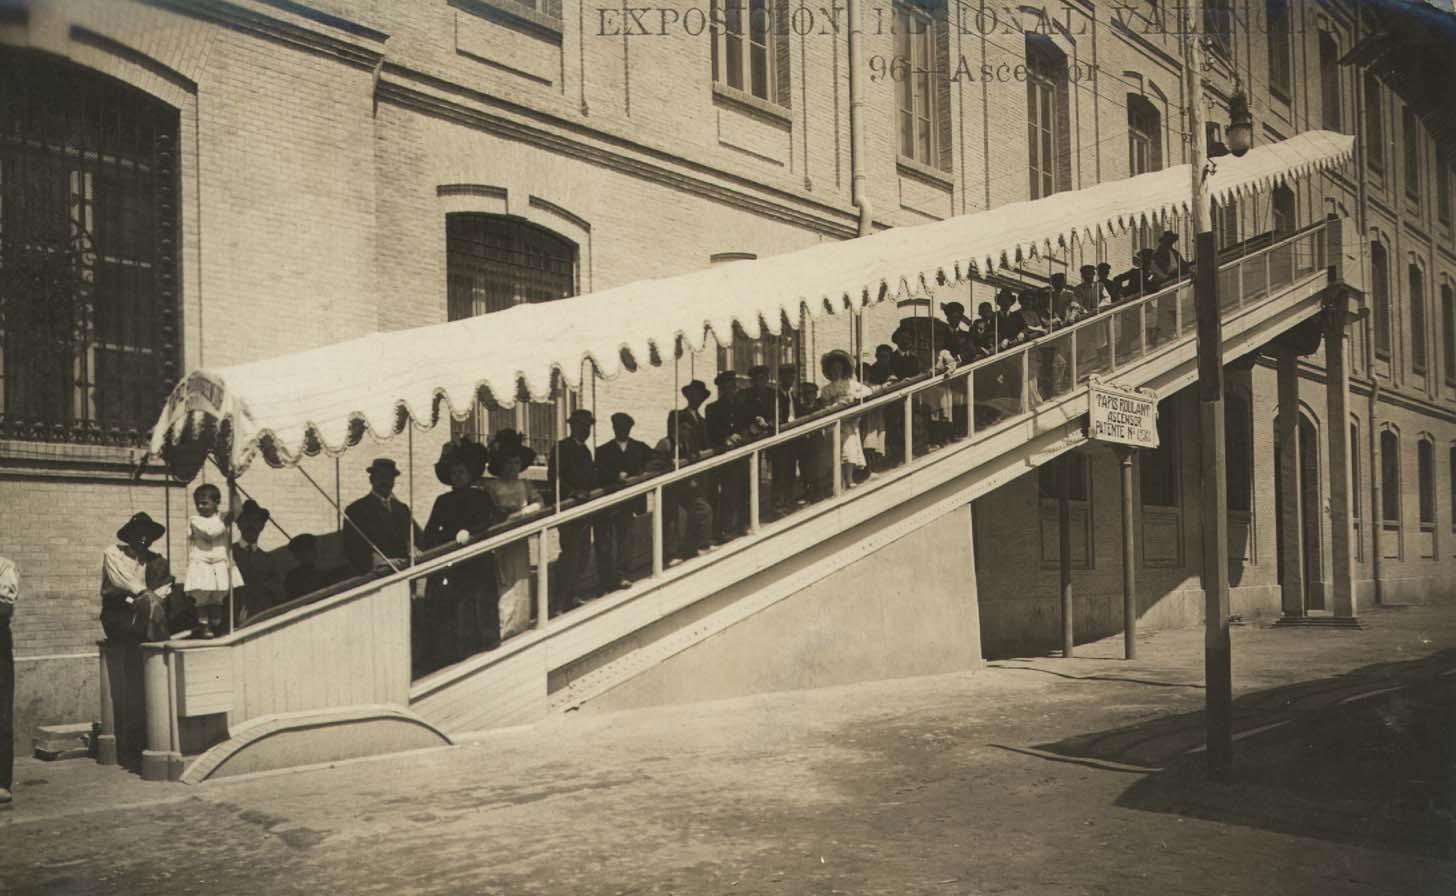 Exposición Regional Valenciana 1909,  Valencia. Título: Ascensor. Publicación/foto obra de: Andrés Fabert, [s.a.]. Fuente: http://bivaldi.gva.es/